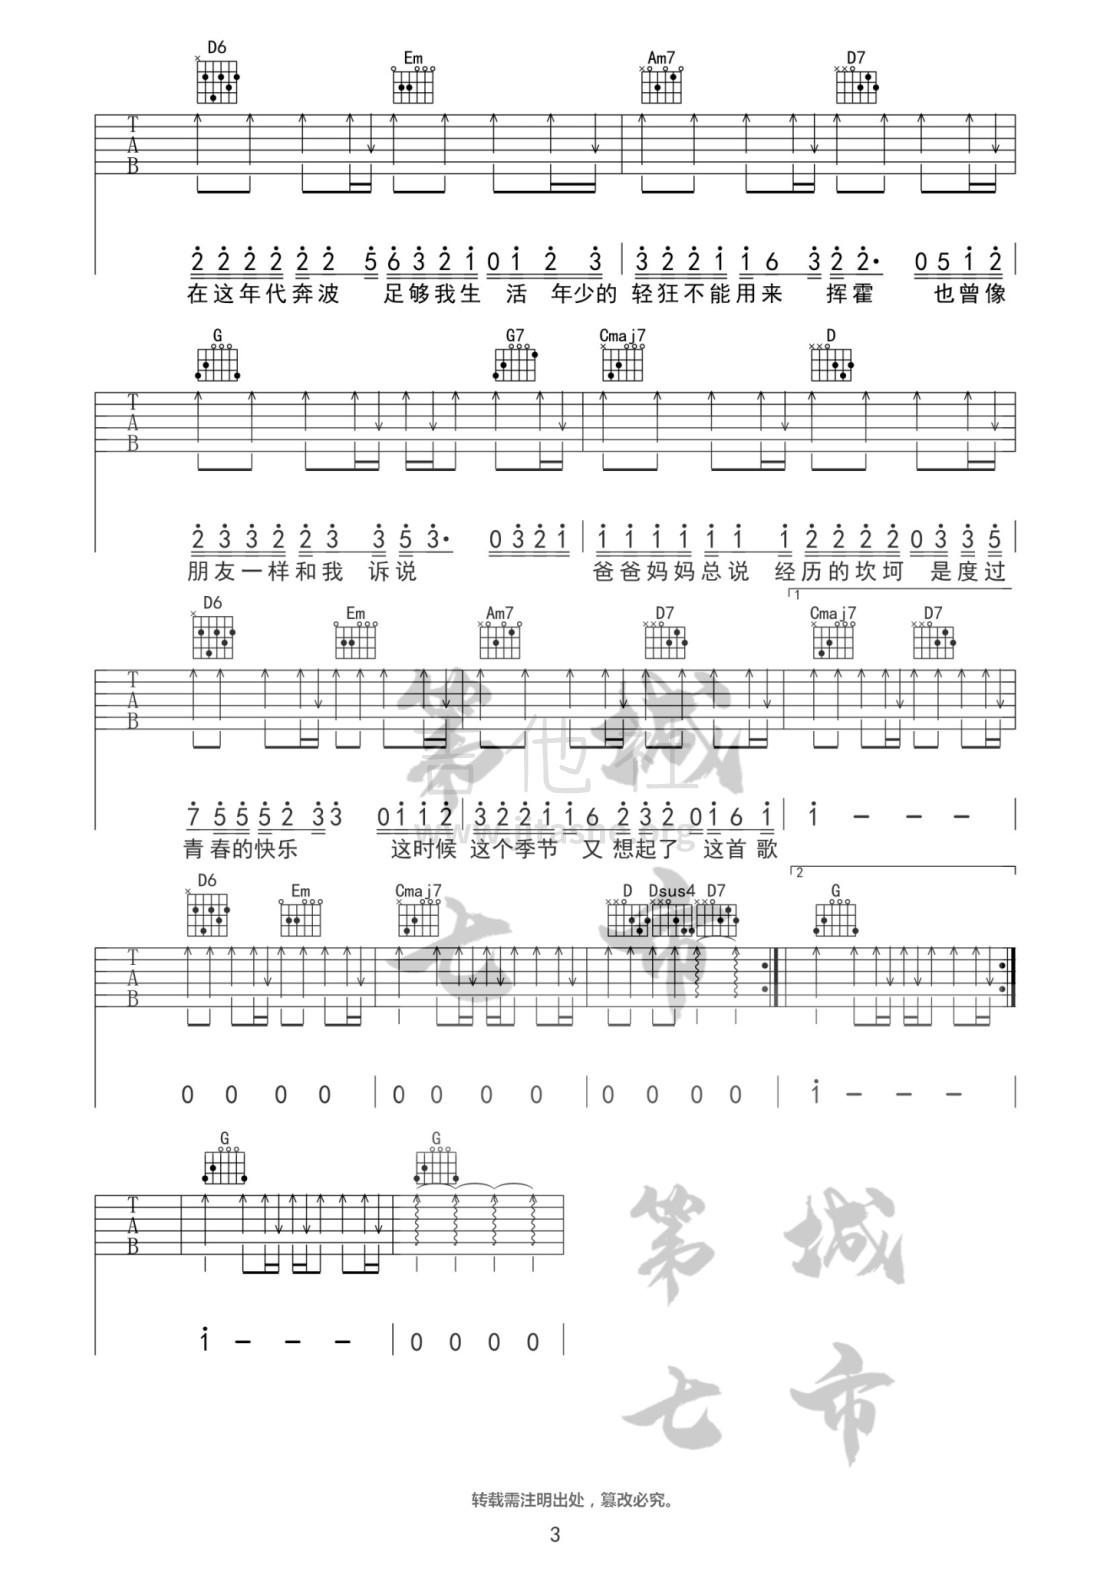 爸爸妈妈吉他谱(图片谱,李荣浩,爸爸妈妈,第七城市)_李荣浩_爸爸妈妈水印3.jpg